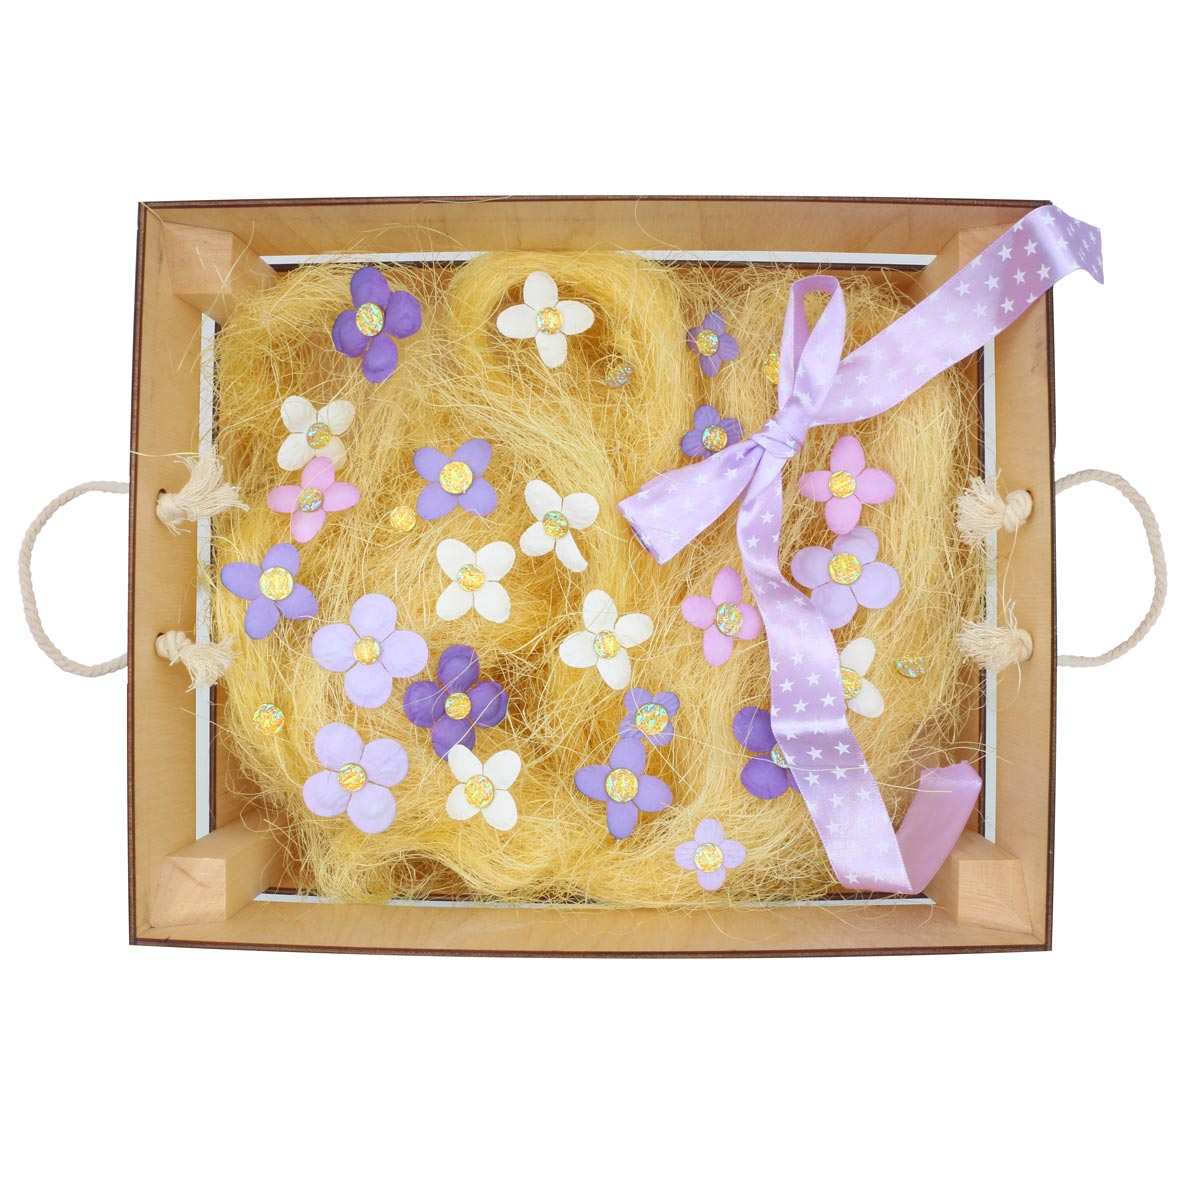 Деревянный ящик для оформления подарка с наполнением №4, 25*30 см